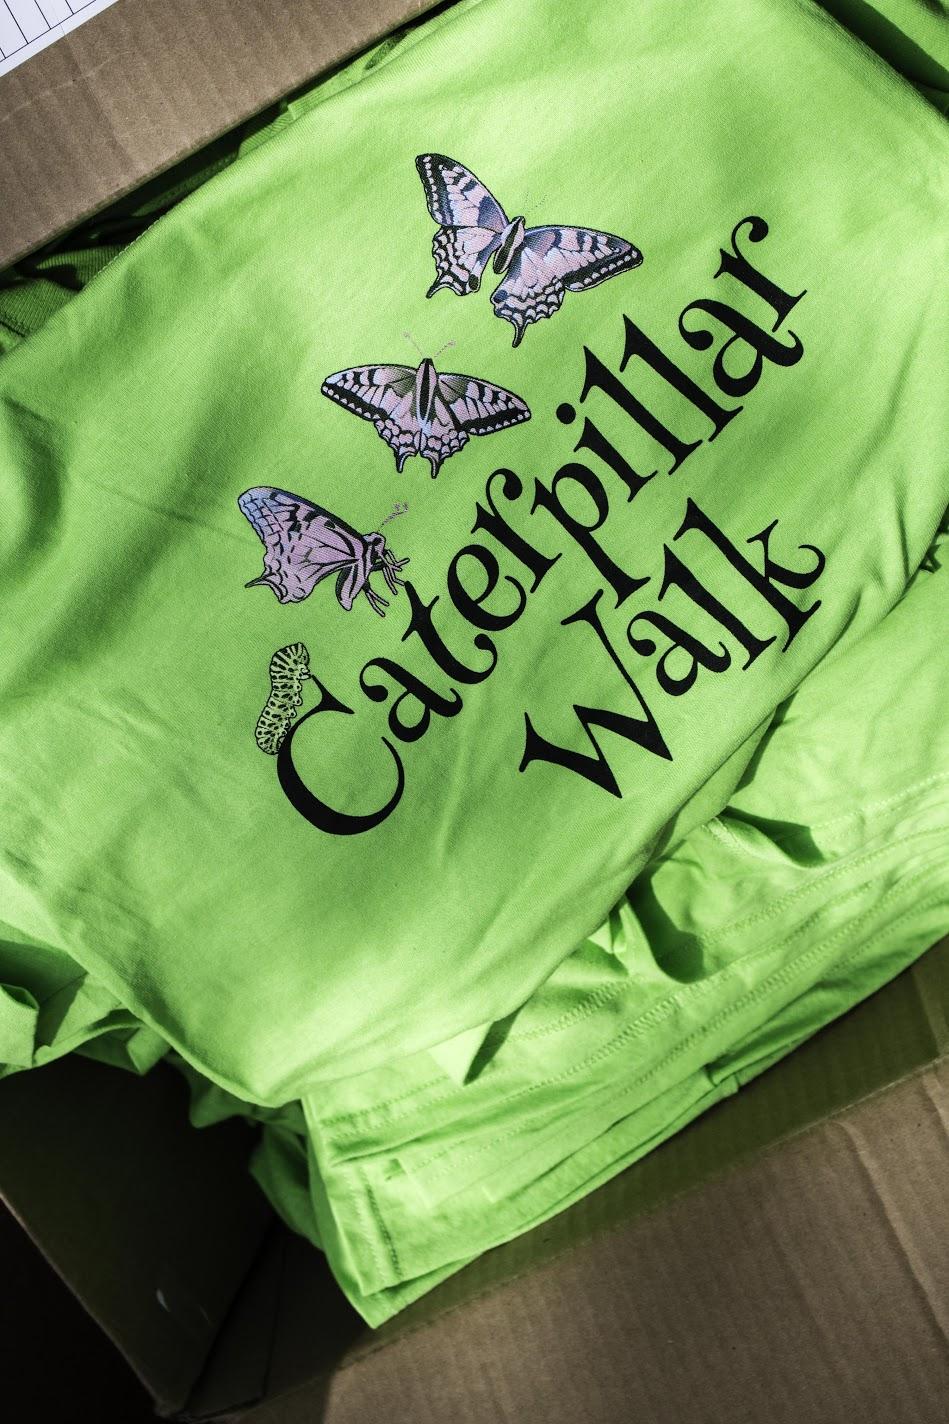 050418_FCSA_Caterpillar-47.jpg